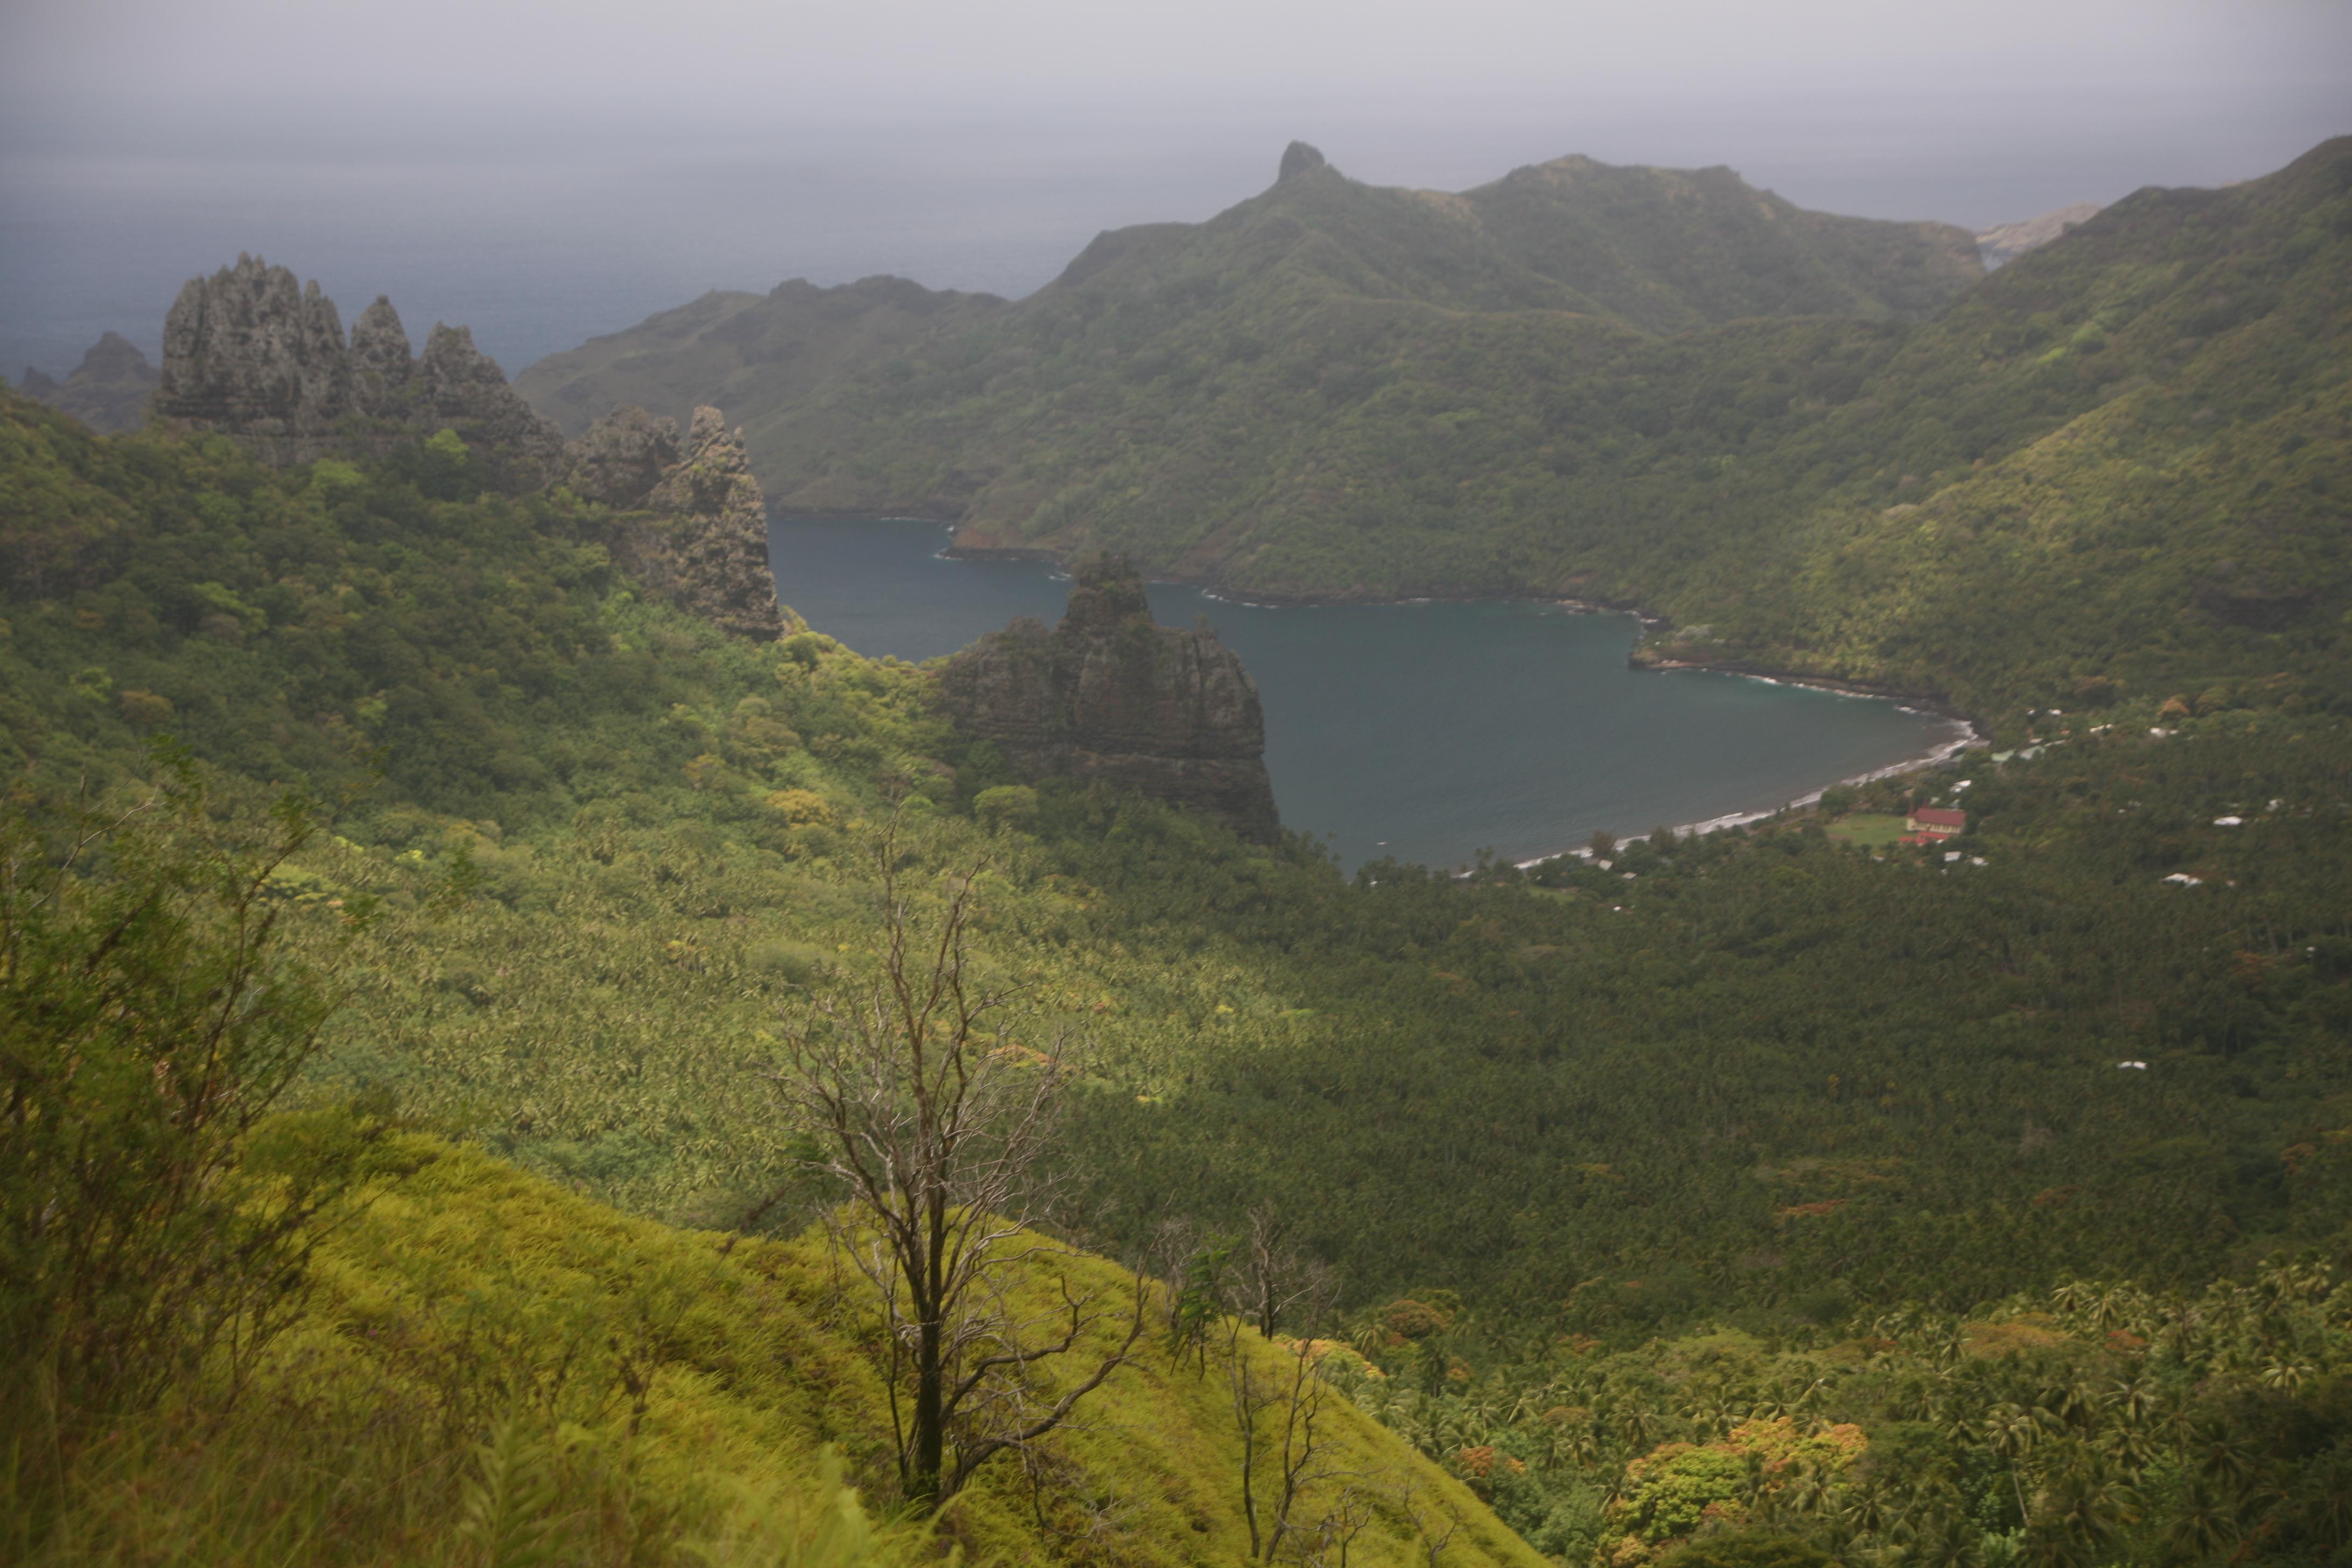 La baie de Hatiheu, lorsque l'on arrive par la route de Taipivai. Les sites restaurés sont cachés par la végétation.